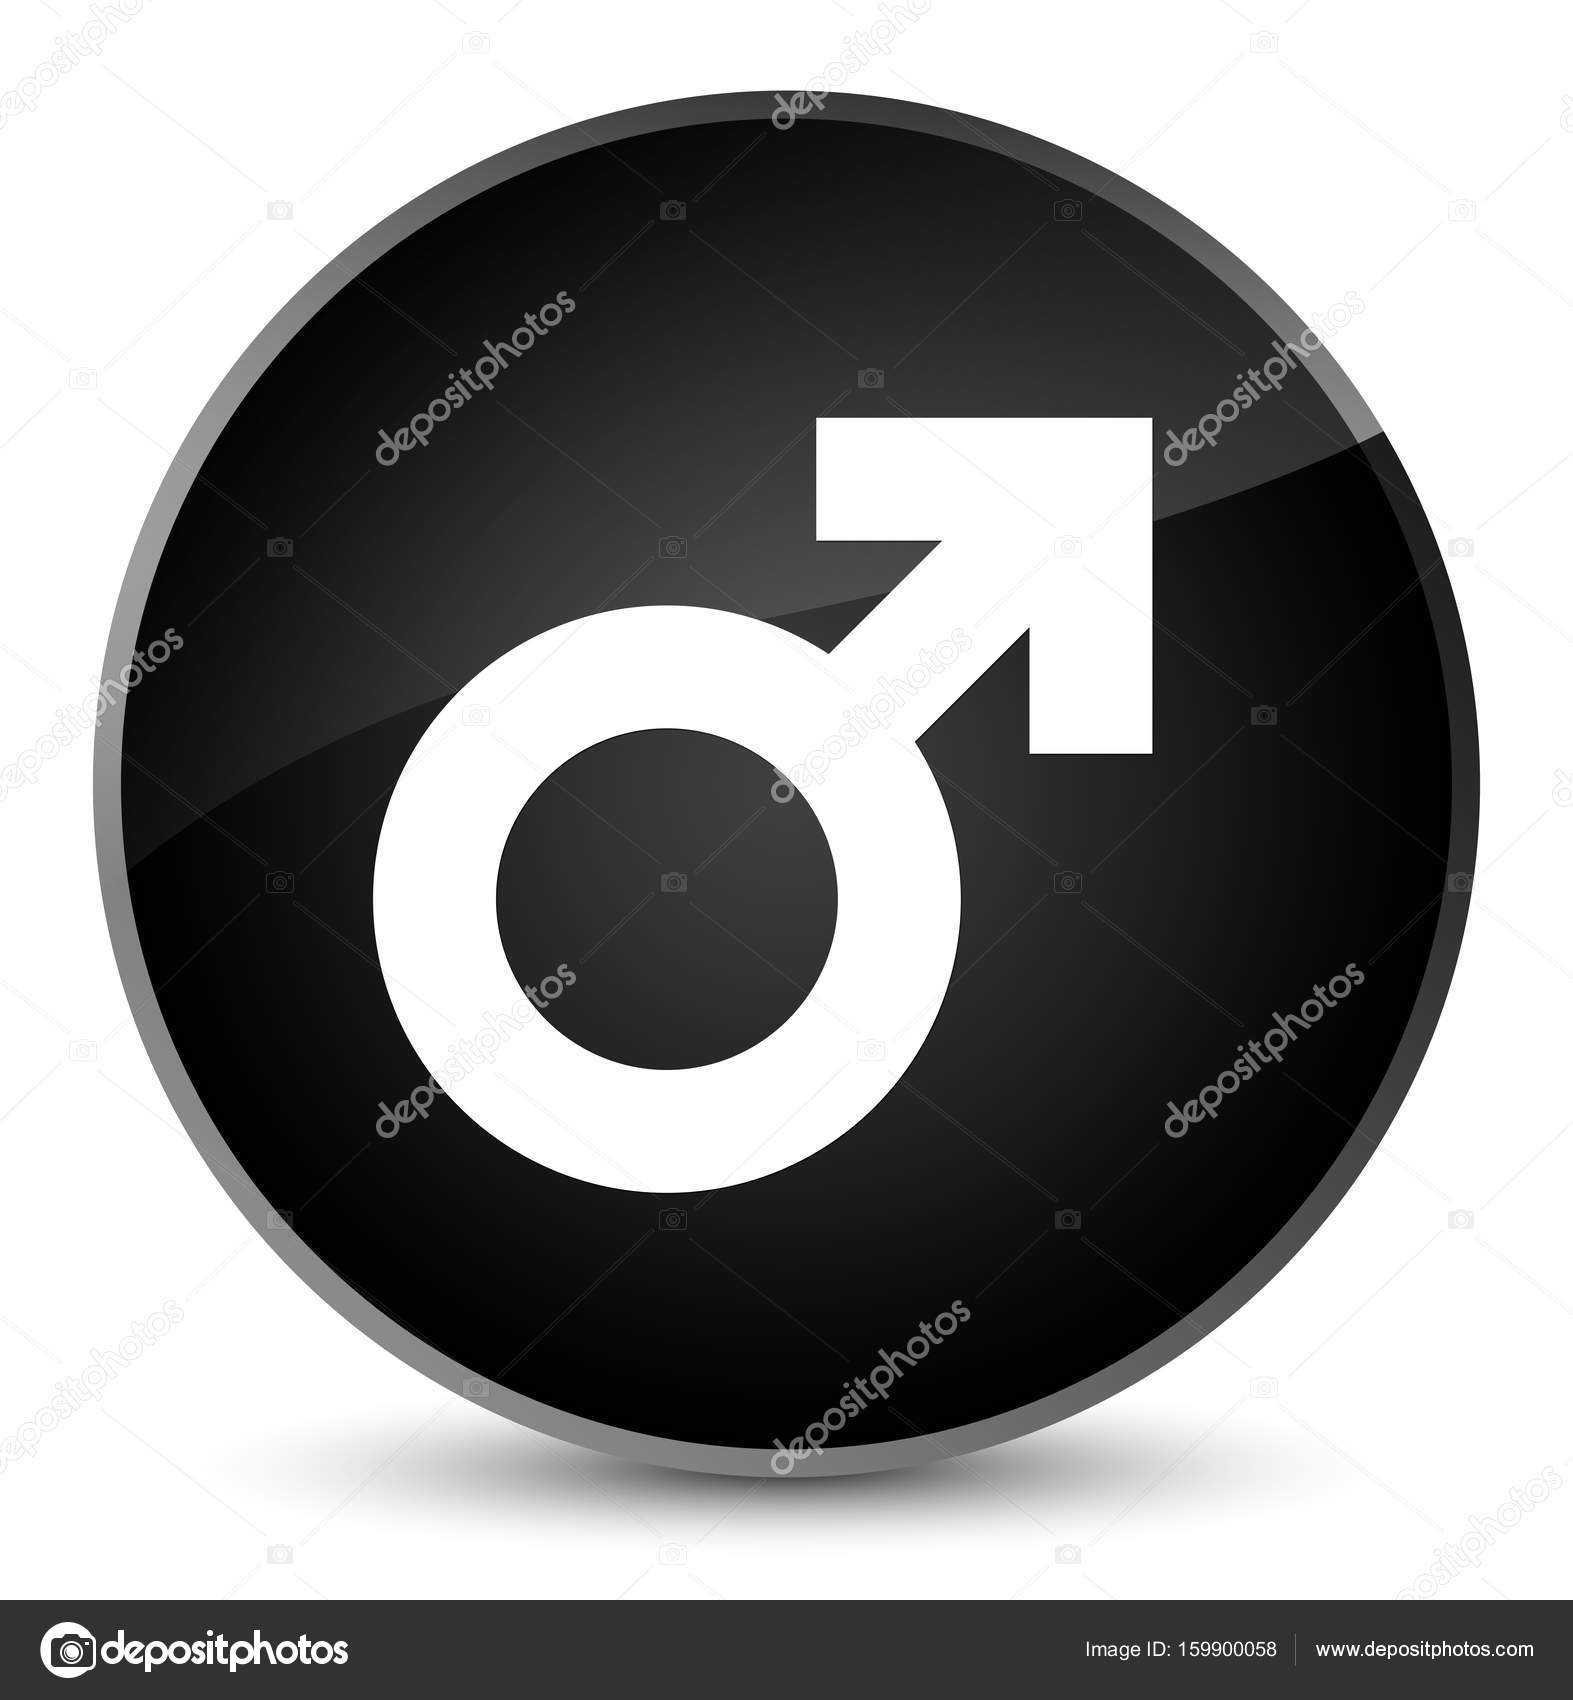 wie sieht das männliche zeichen aus